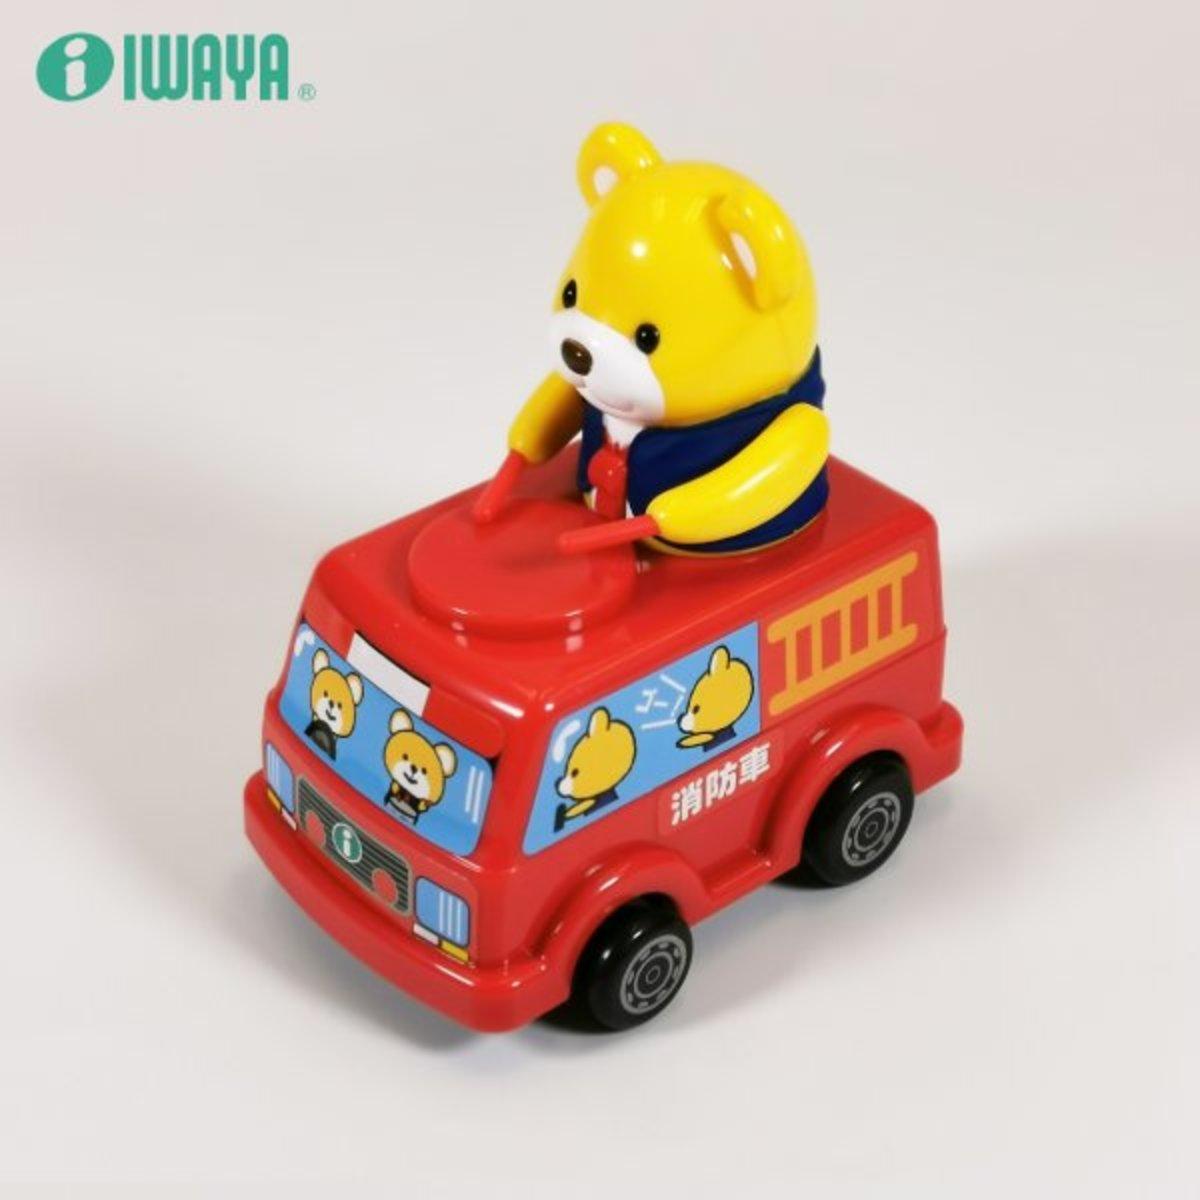 神奇小車 - 熊仔消防車